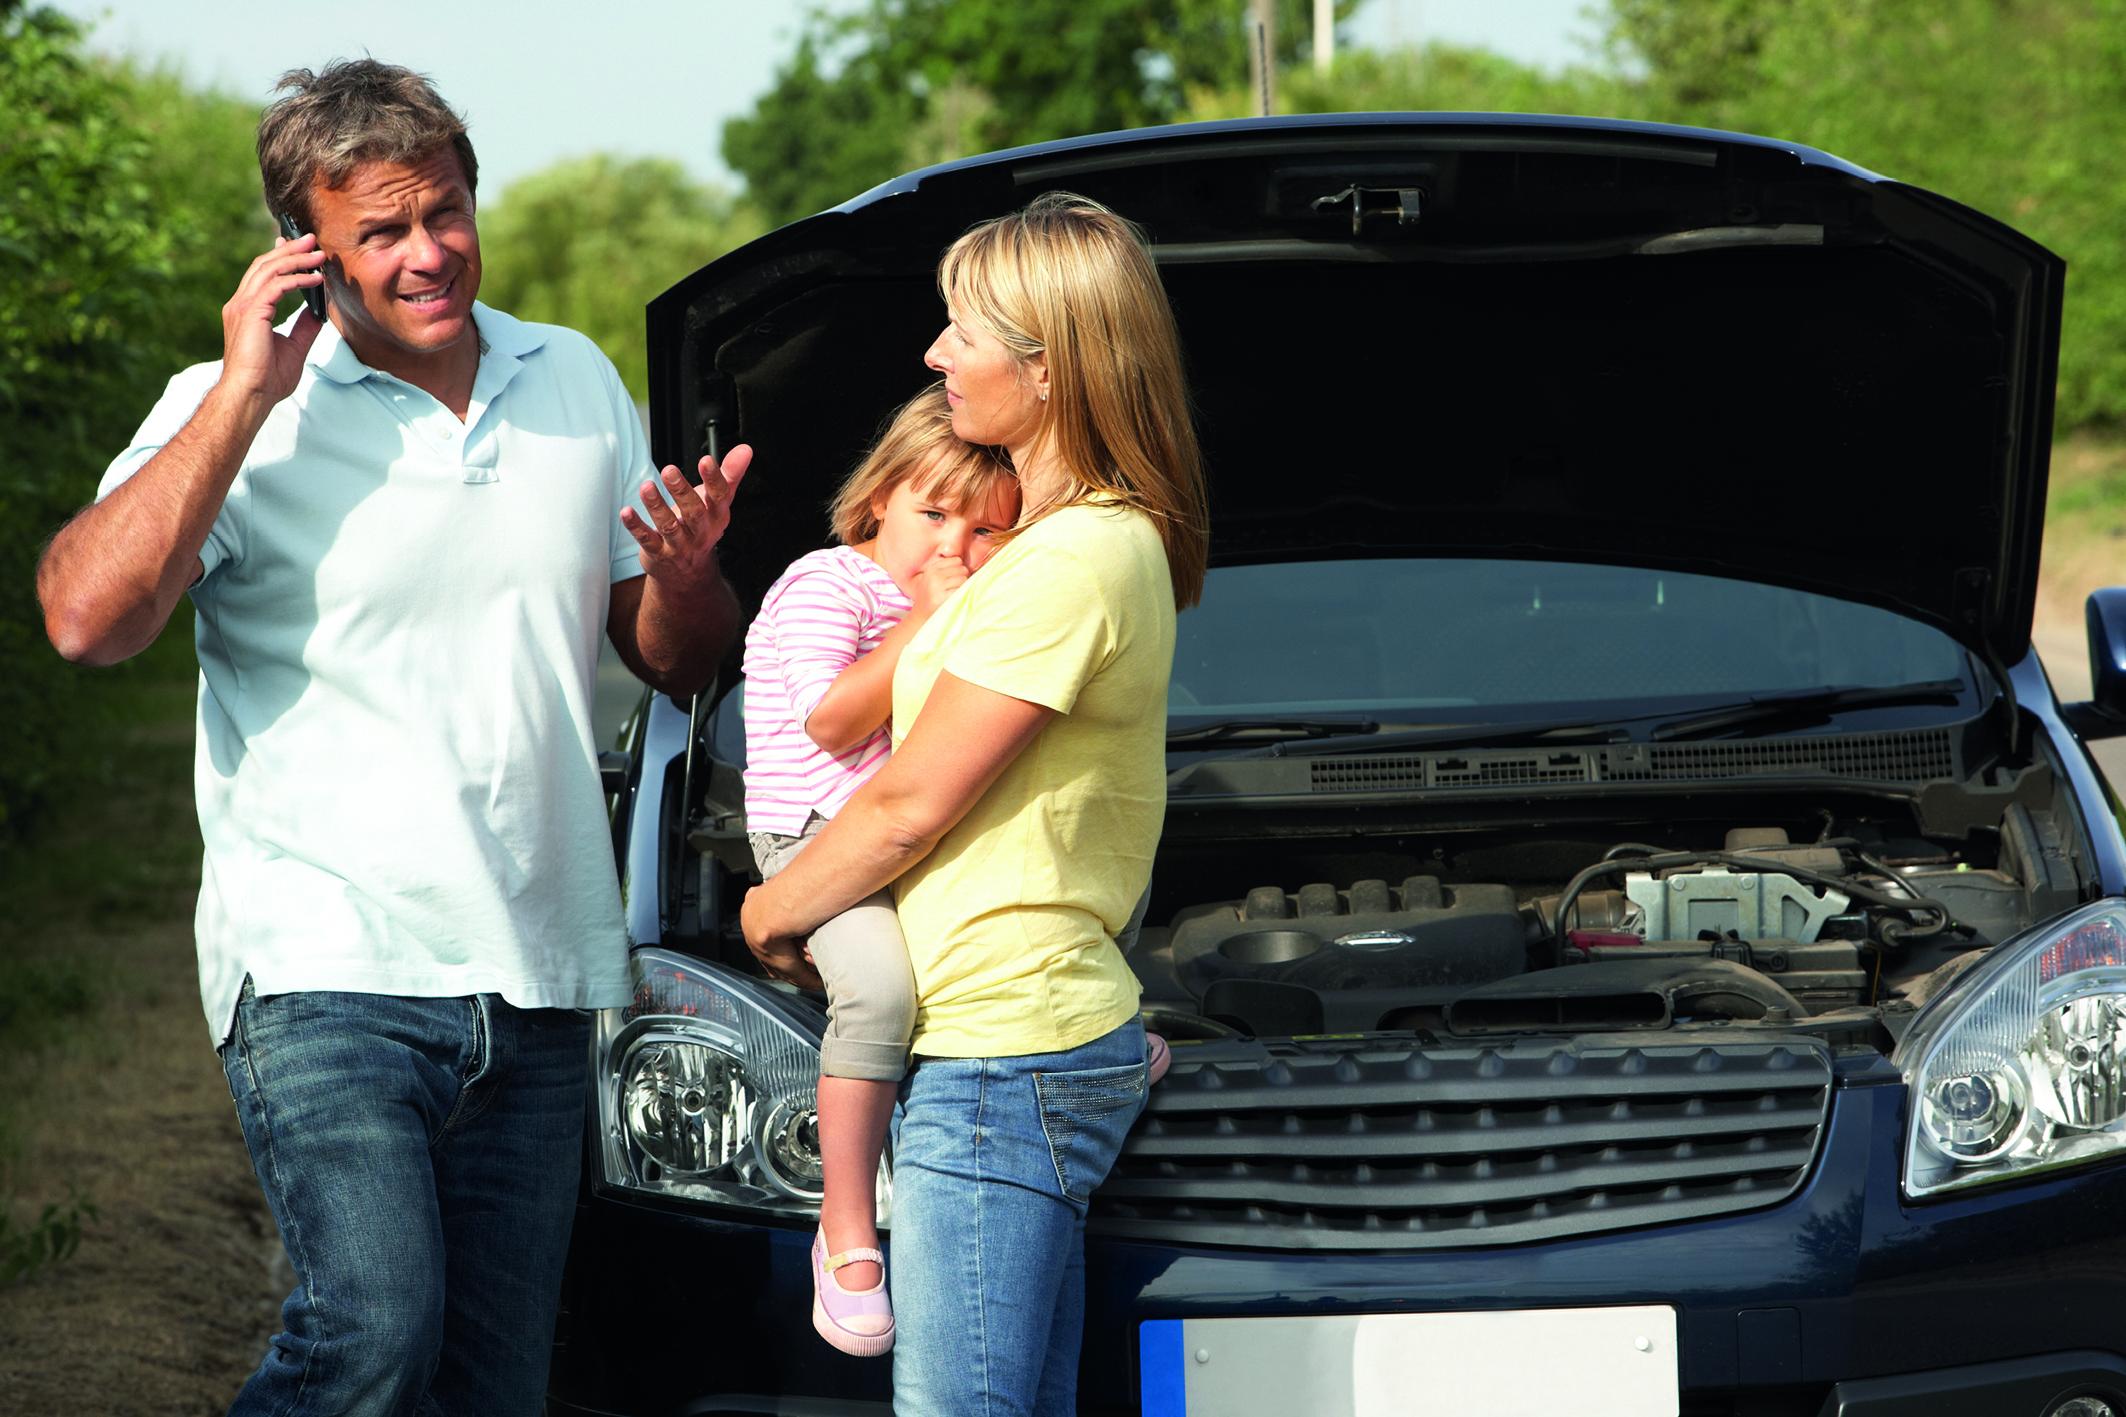 Die Motorhaube eines Autos steht offen, ein Mann telefoniert mit seinem Smartphone und eine Frau trägt ein kleines Kind auf dem Arm. (Schutzbrief bei Autopanne)